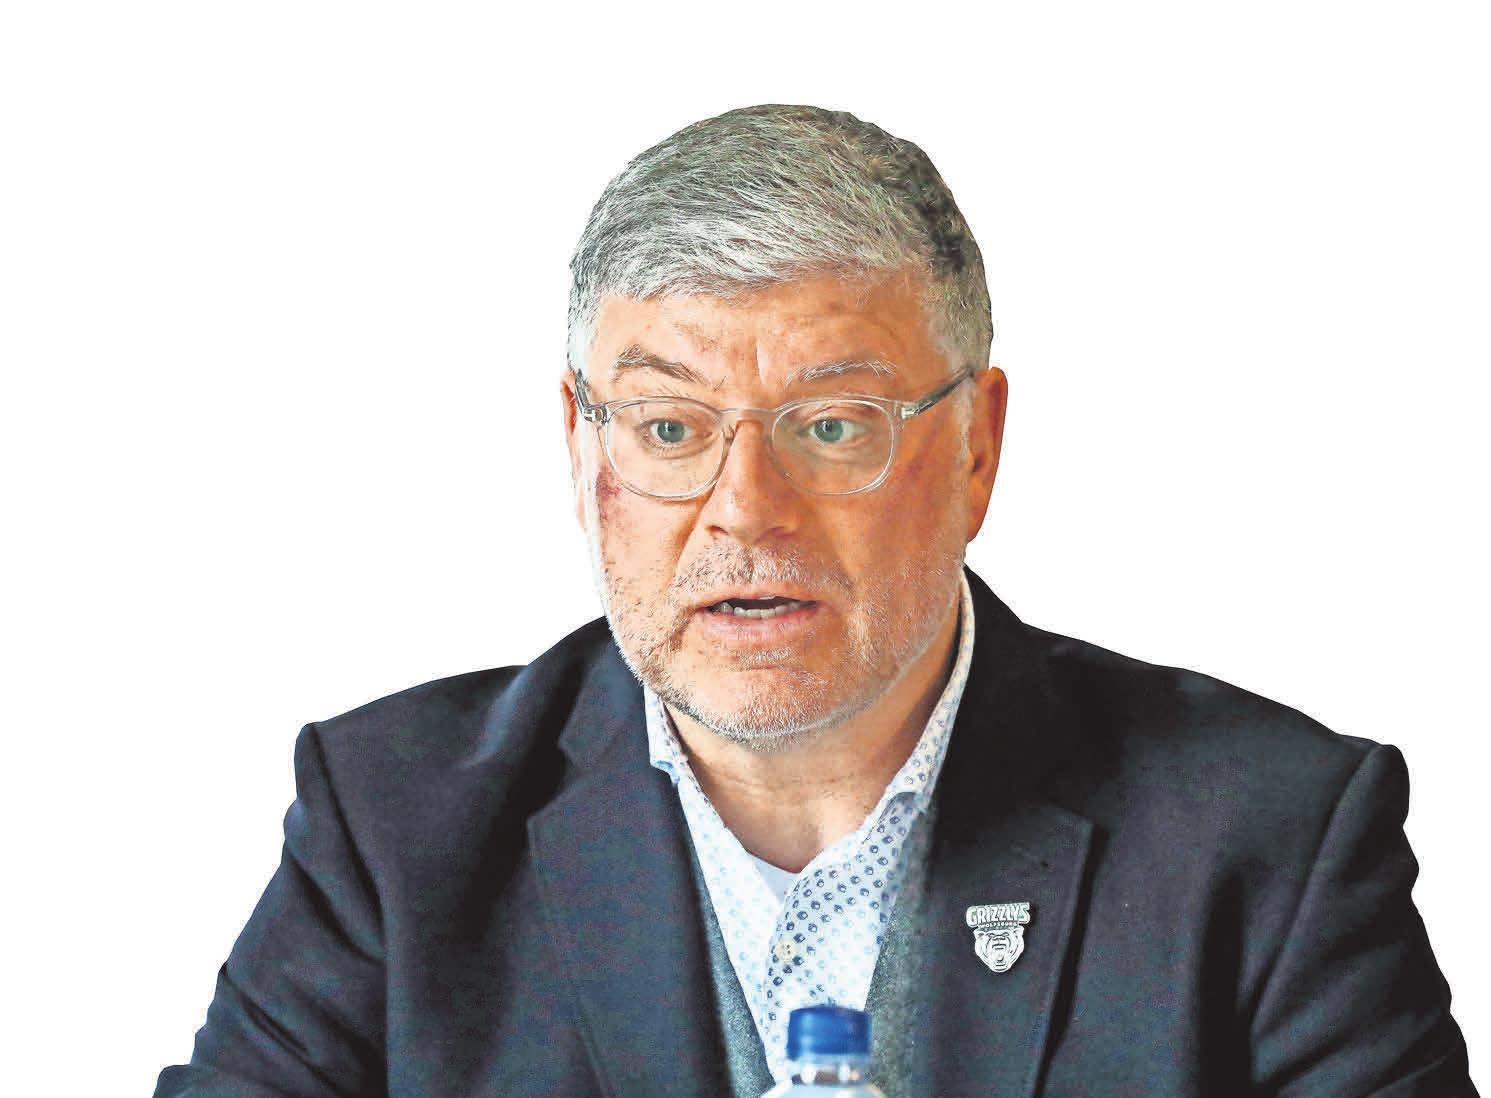 Pat Cortina, Grizzlys Wolfsburg